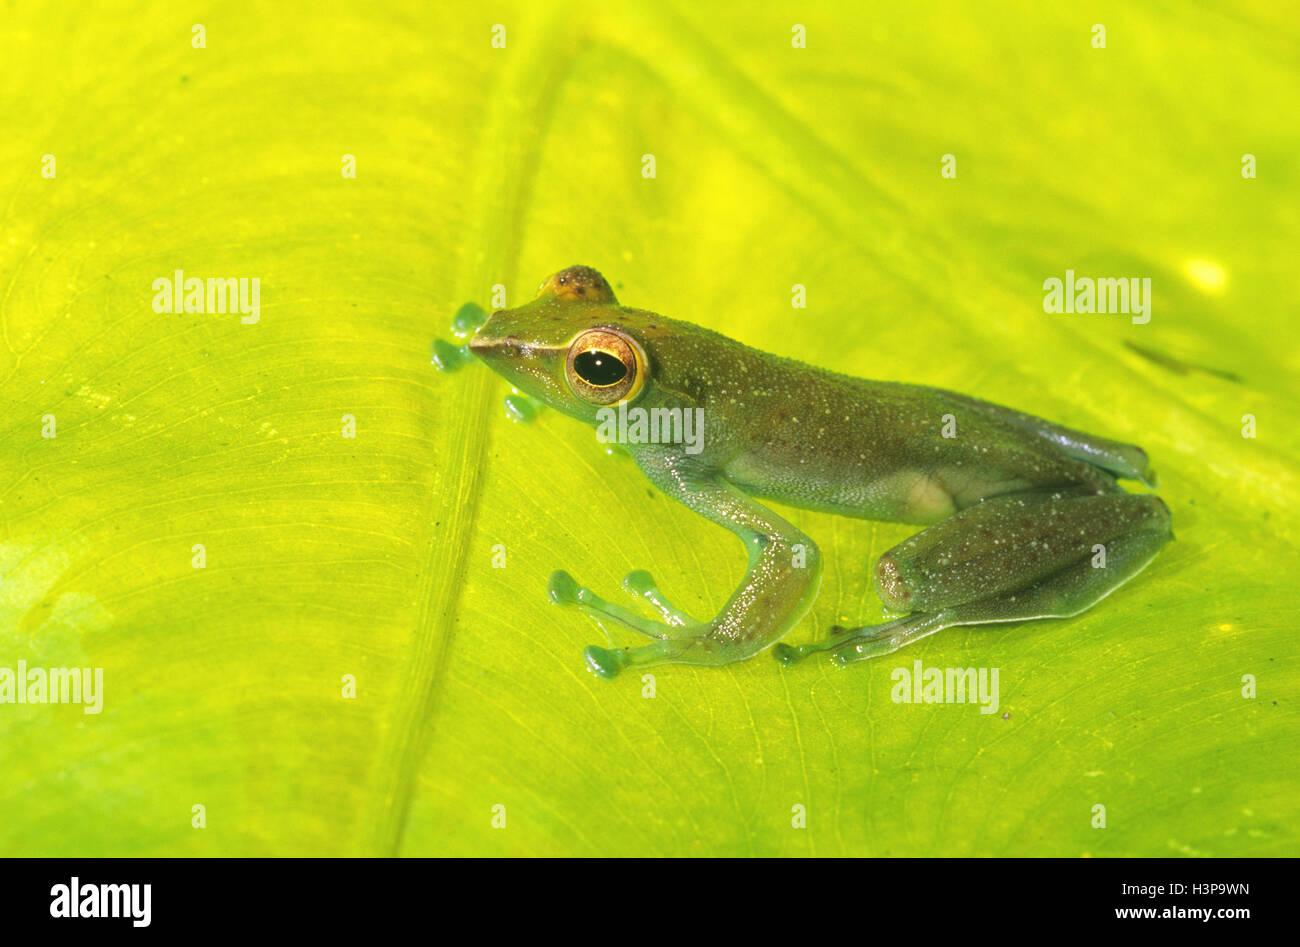 Jade tree frog (Rhacophorus dulitensis) - Stock Image